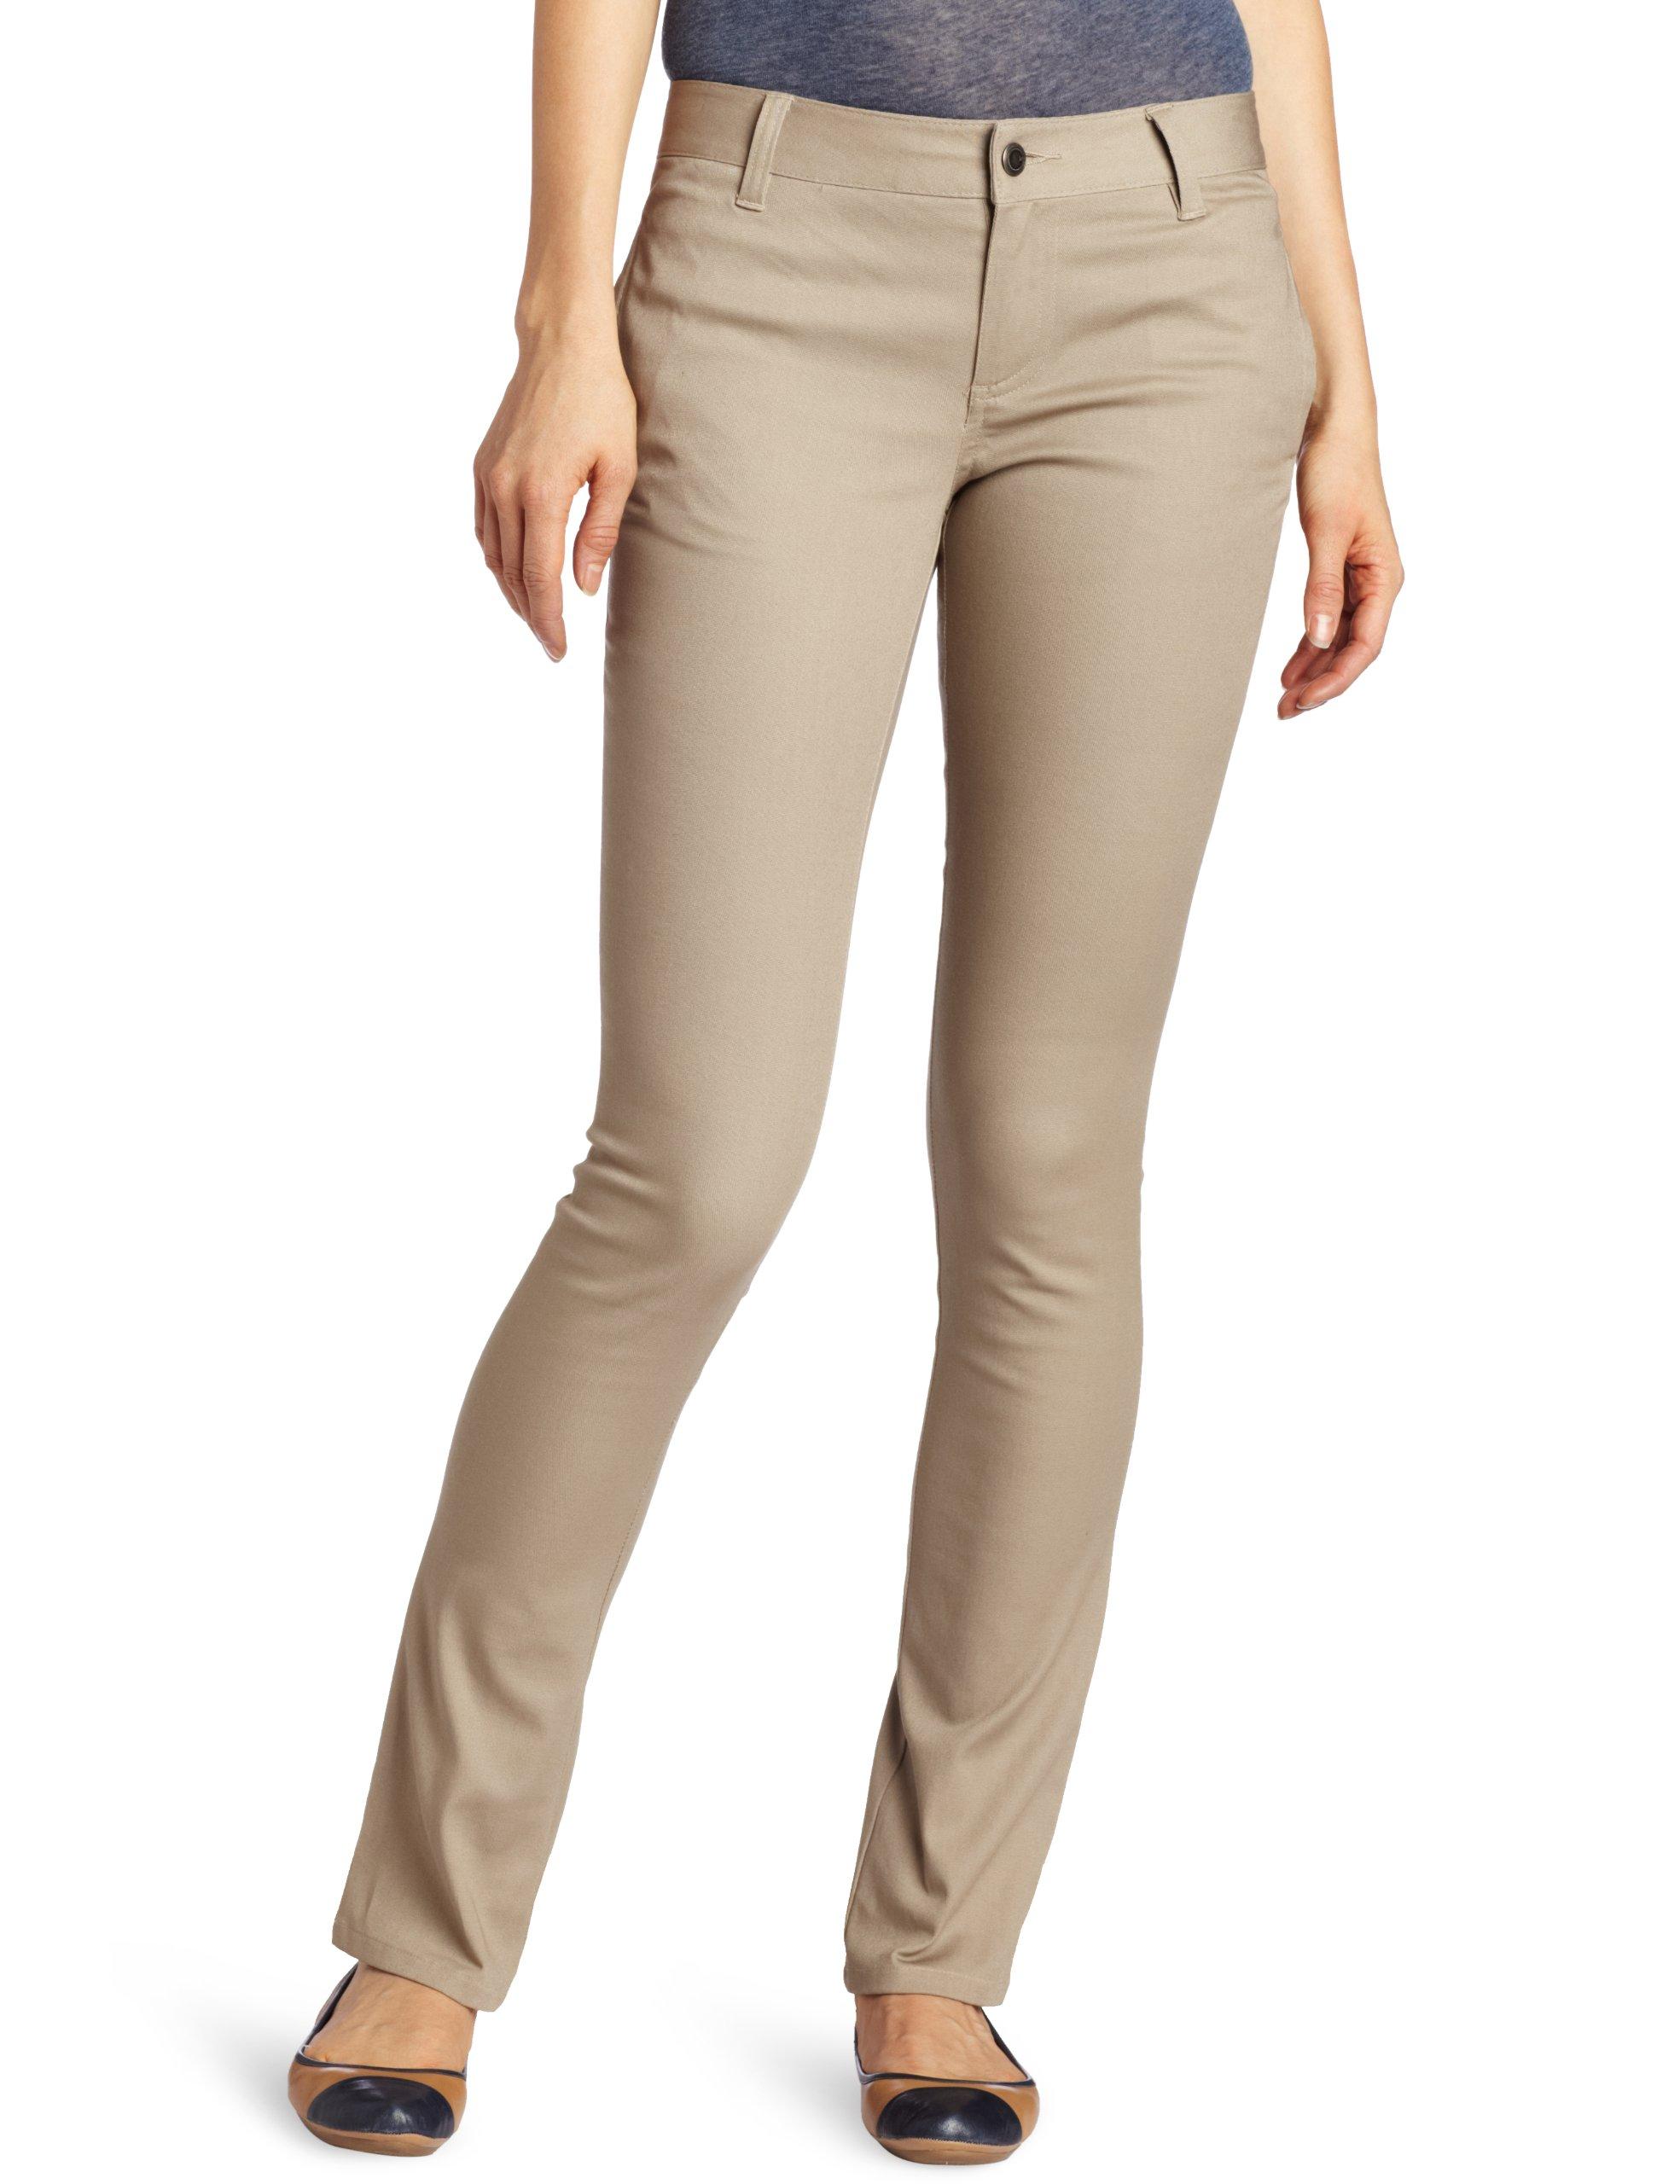 LEE Uniforms Juniors Original Skinny Leg Pant, Khaki, 0